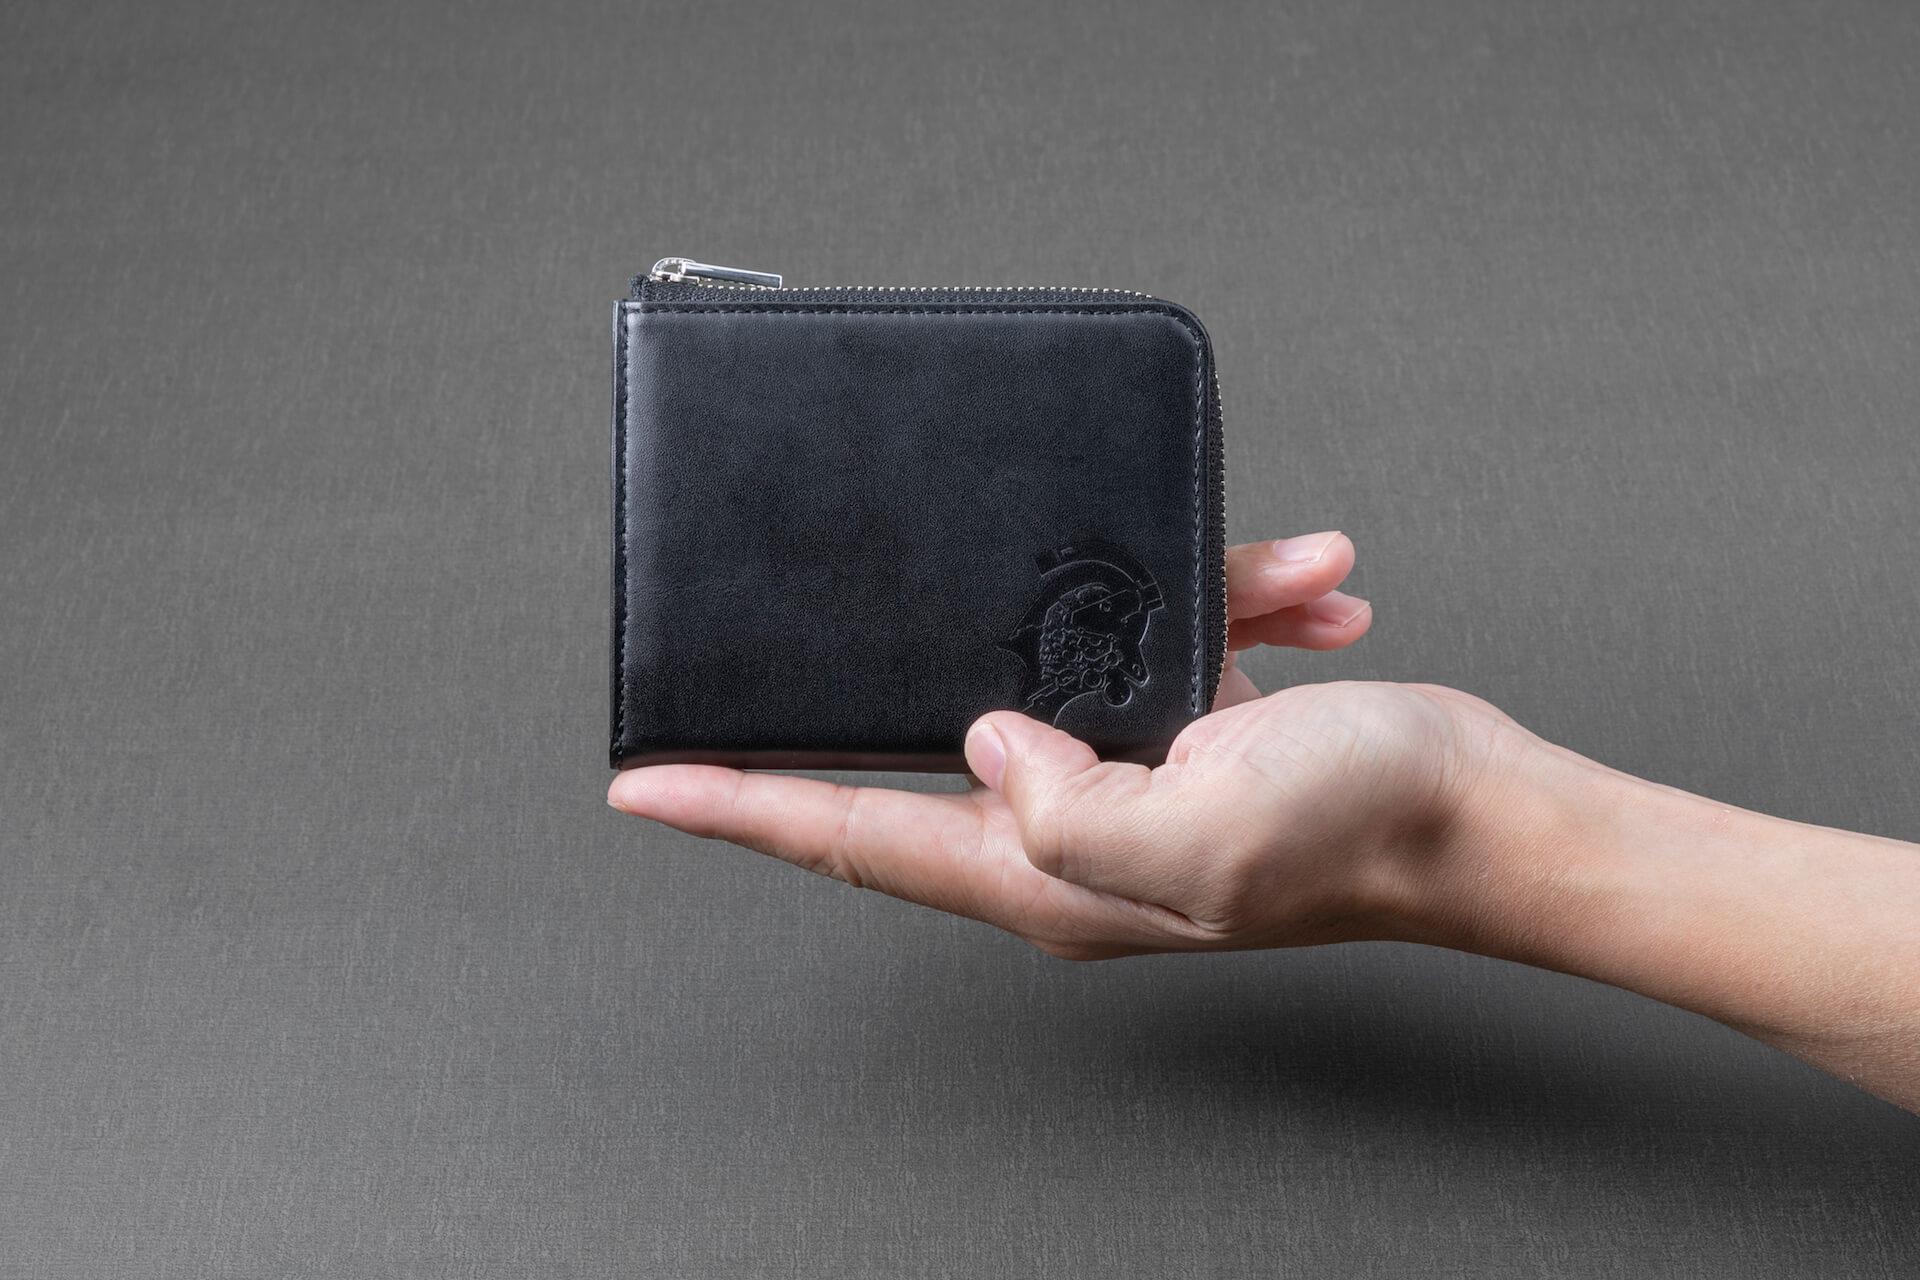 『デス・ストランディング』小島秀夫監督率いるコジマプロダクションのコラボミニ財布が追加販売決定! life191203_kojimaproduction_main